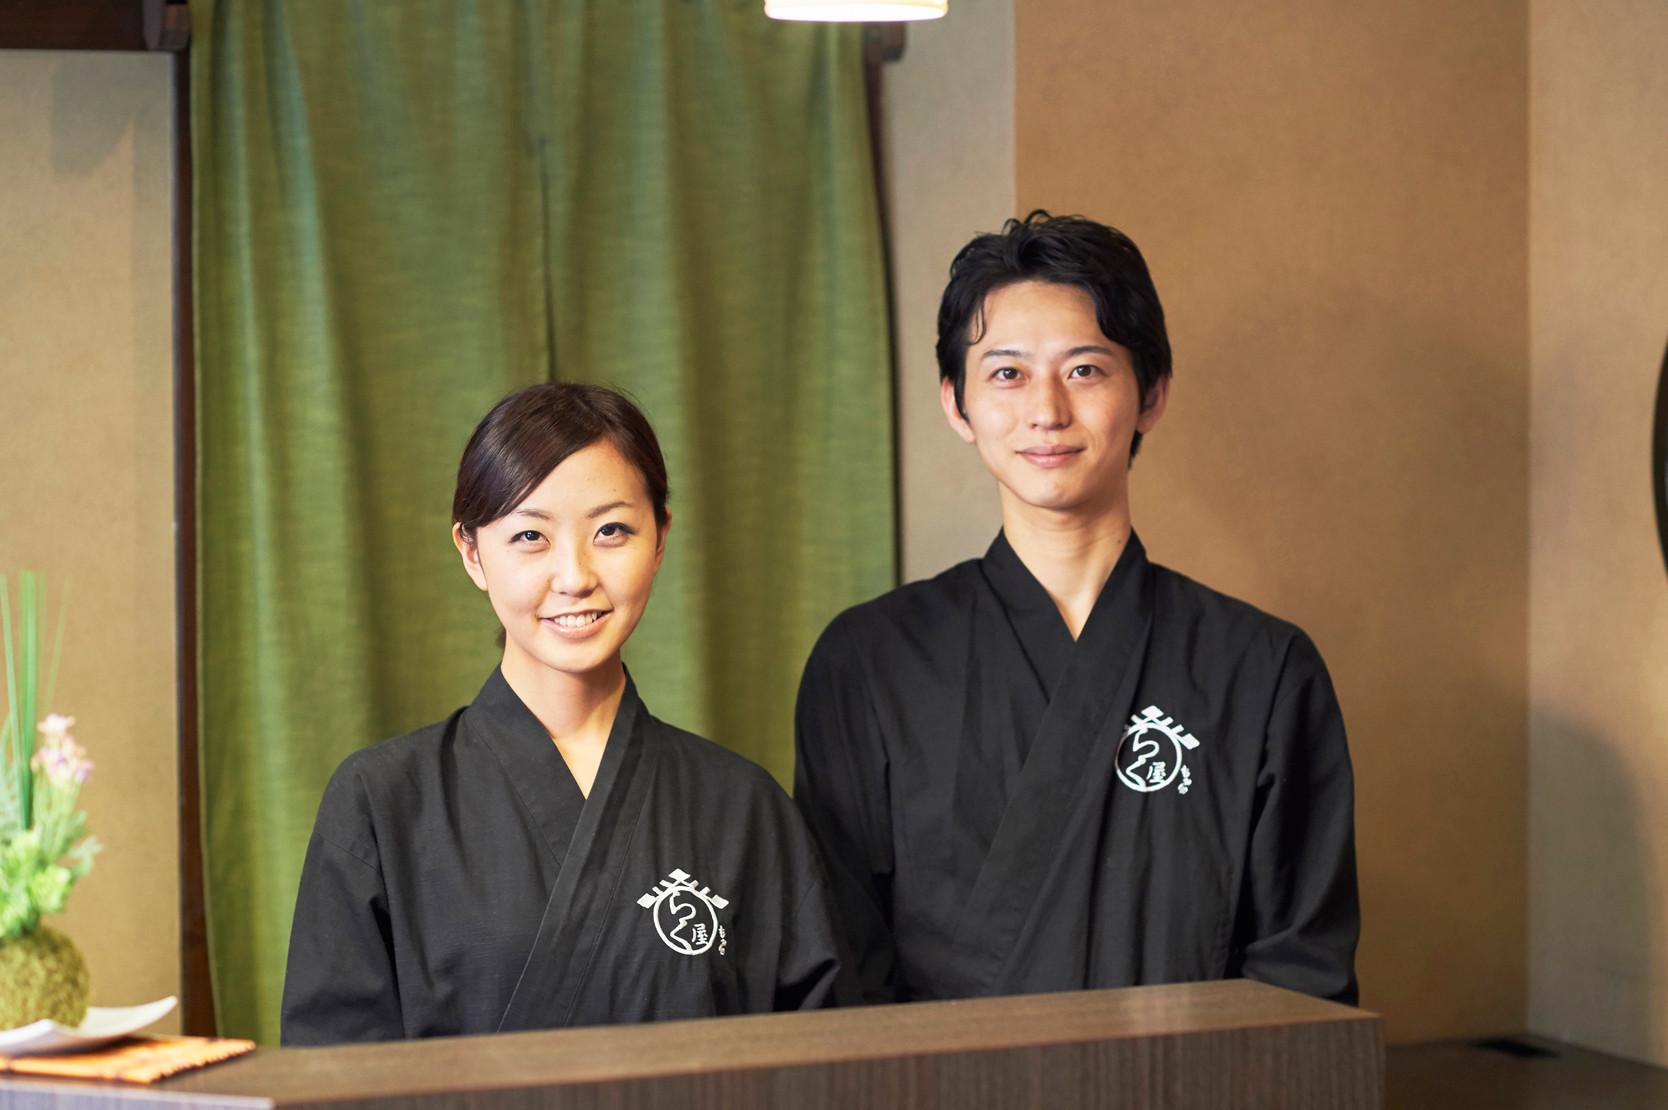 もみ処らく屋 浅草総本店 のアルバイト情報